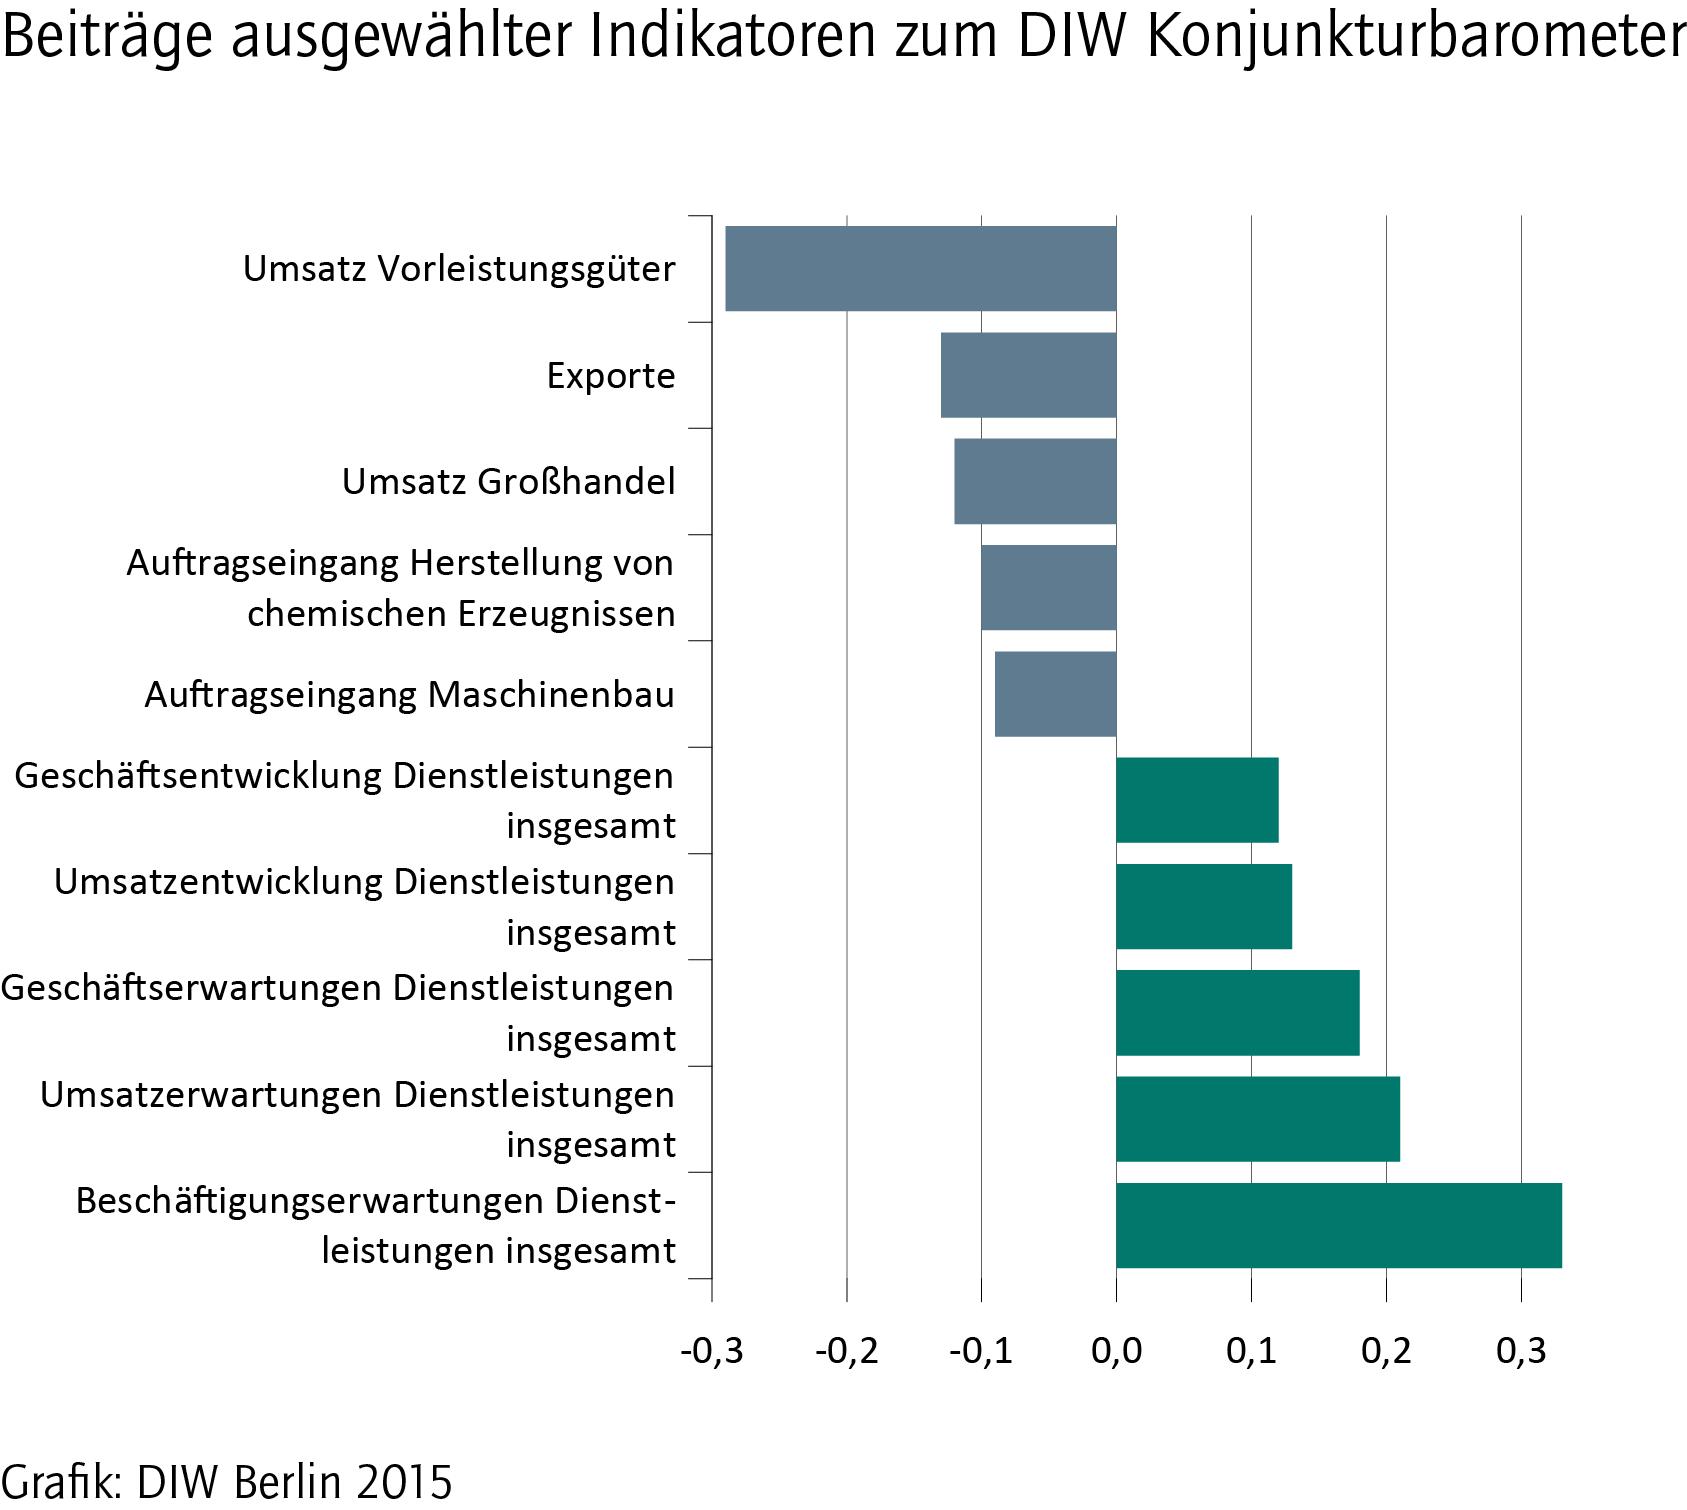 Schön Kanal Umsatz Fortsetzen Bilder - Entry Level Resume Vorlagen ...